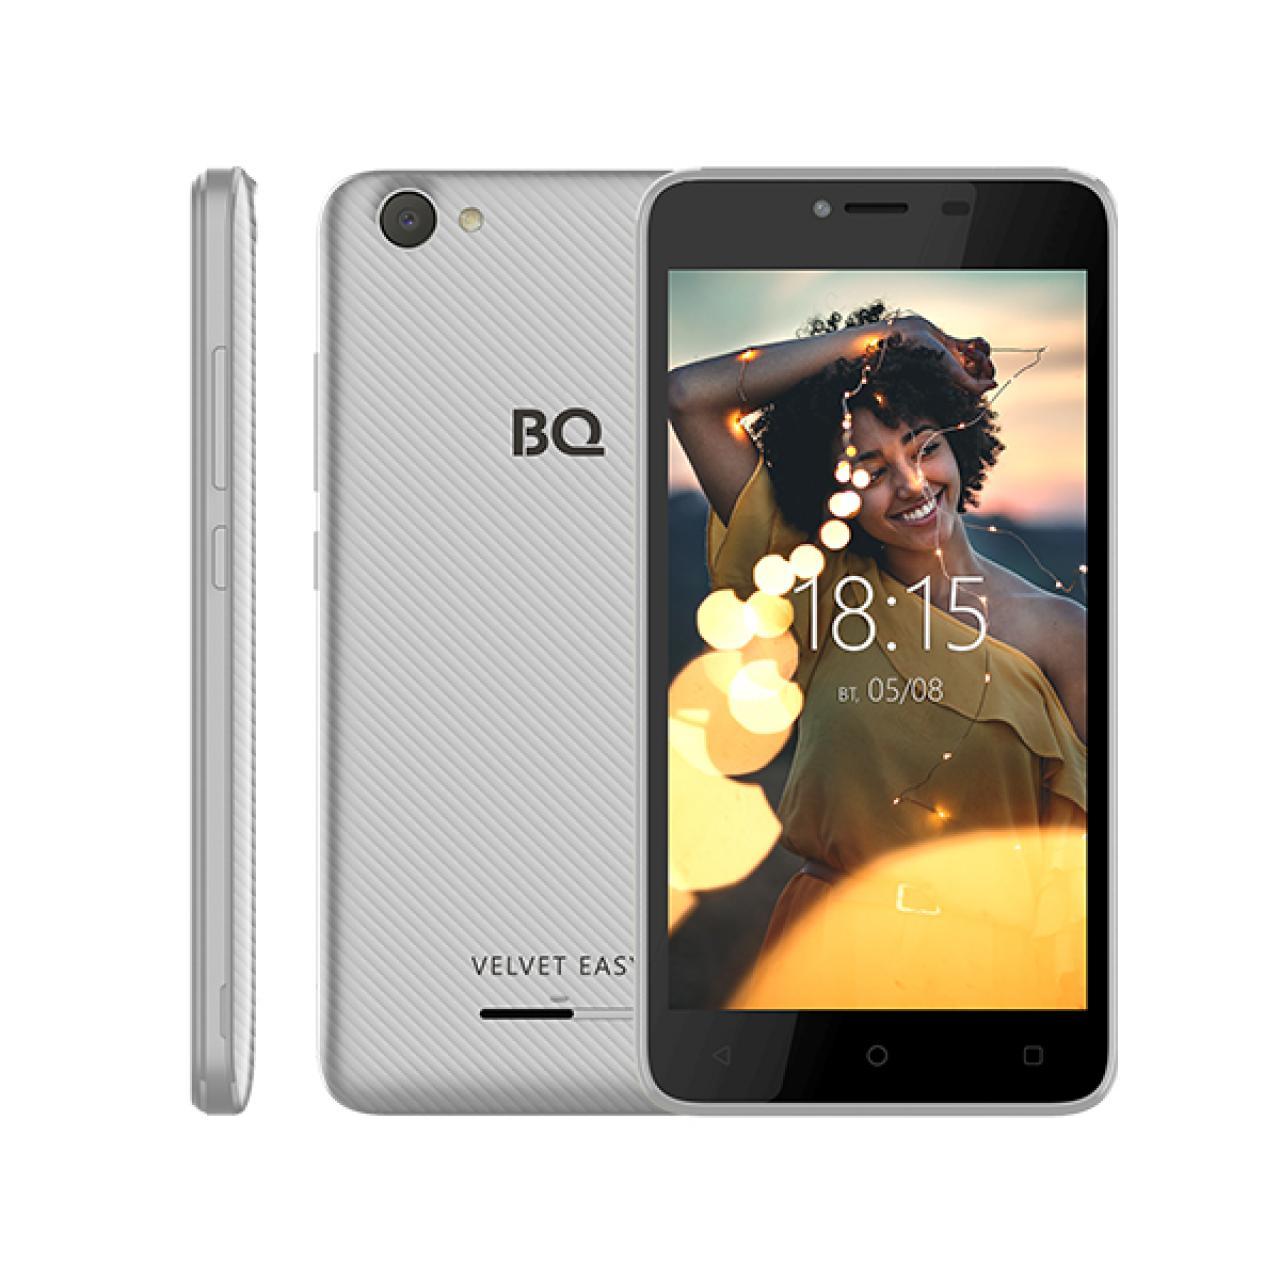 Смартфон BQ 5000G Velvet Easy 5 8Gb 2sim Silver...